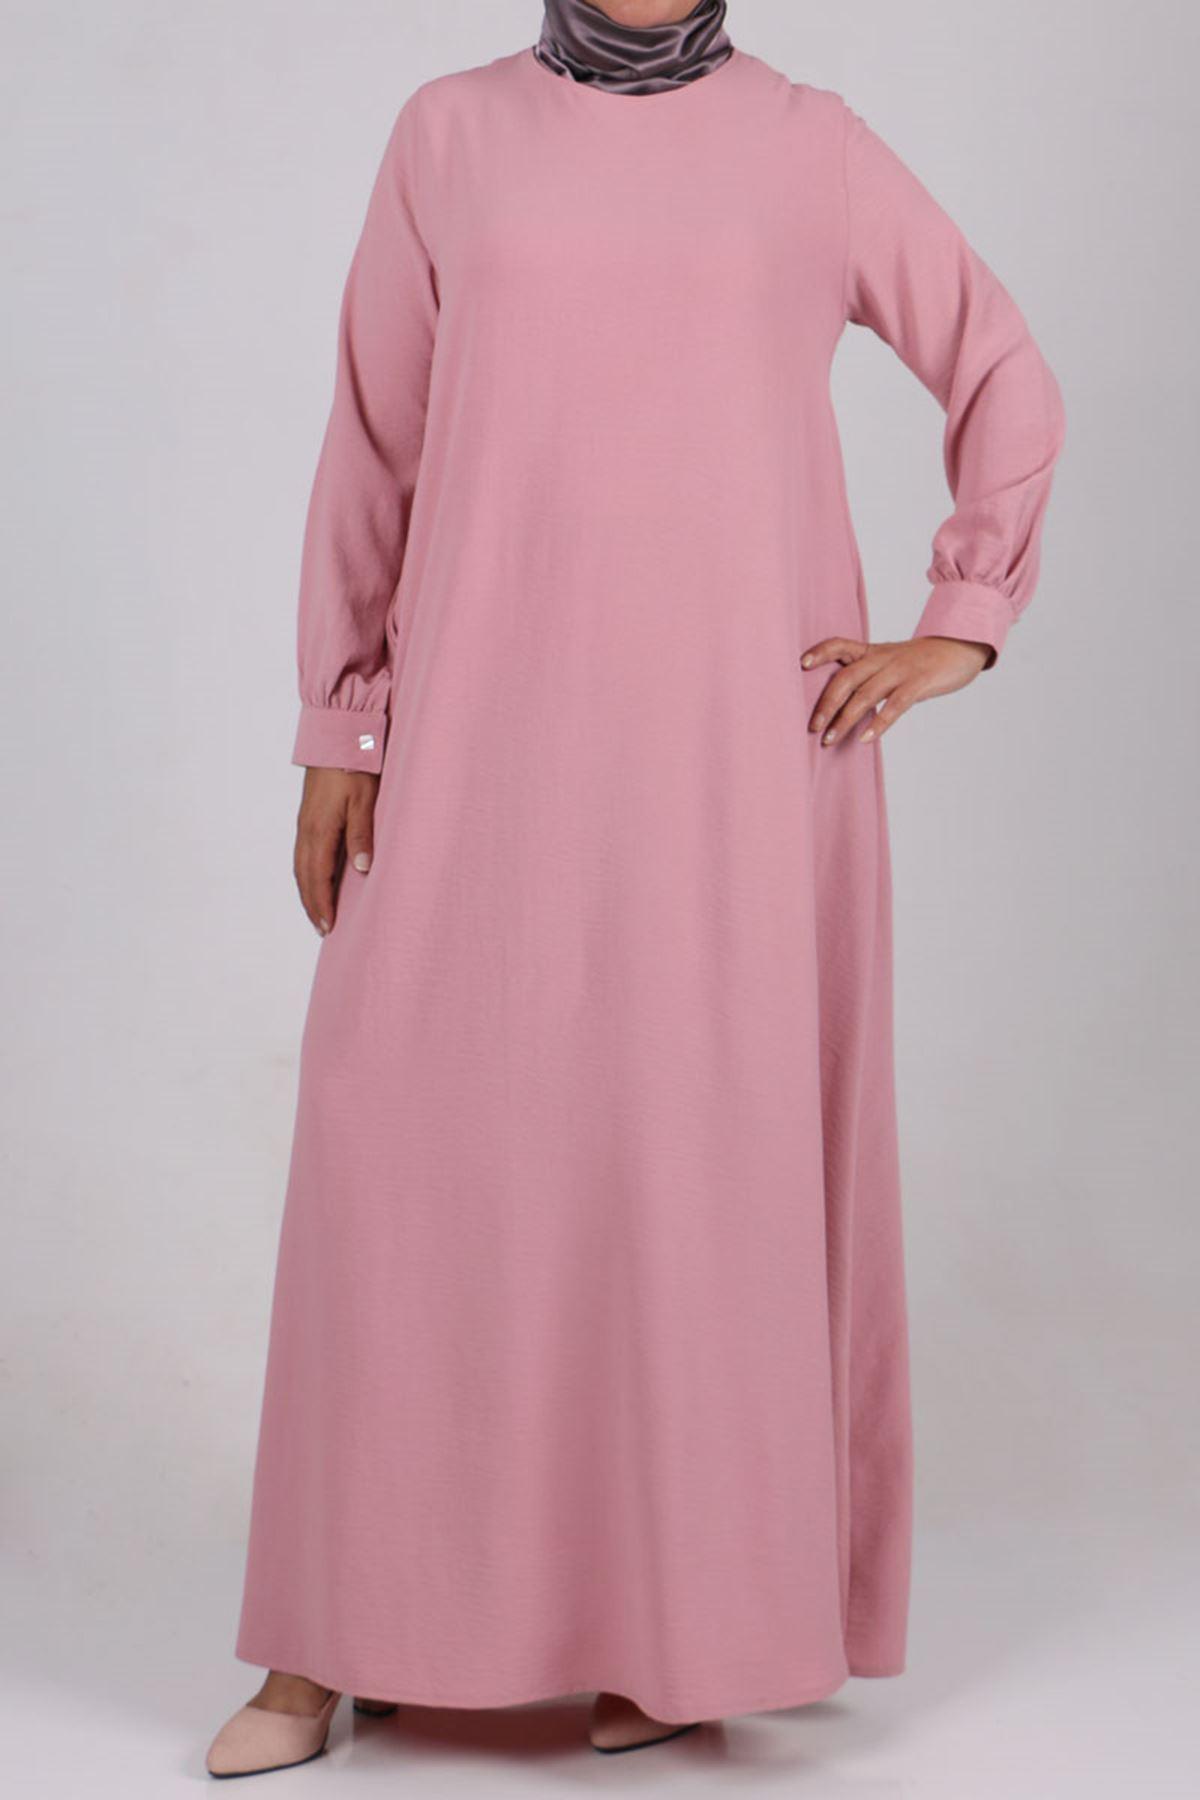 2102 Büyük Beden Airobin Elbise - Pudra